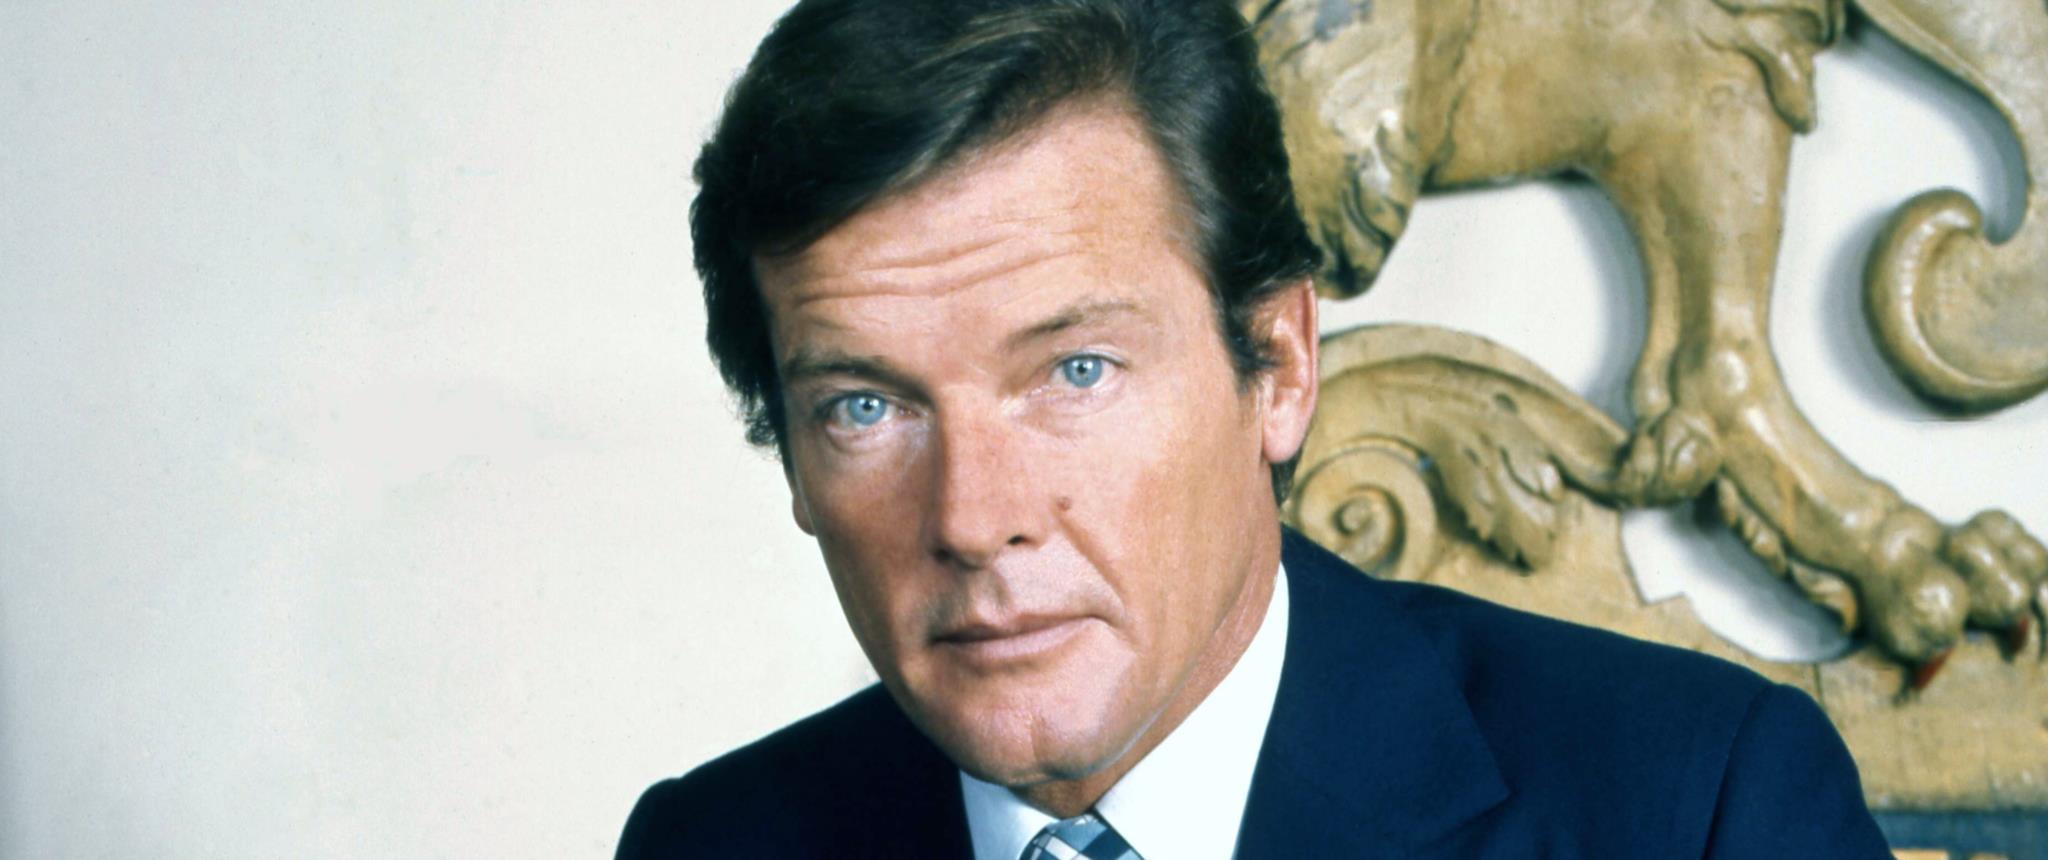 PÚBLICO - Morreu Roger Moore, o Santo que foi 007